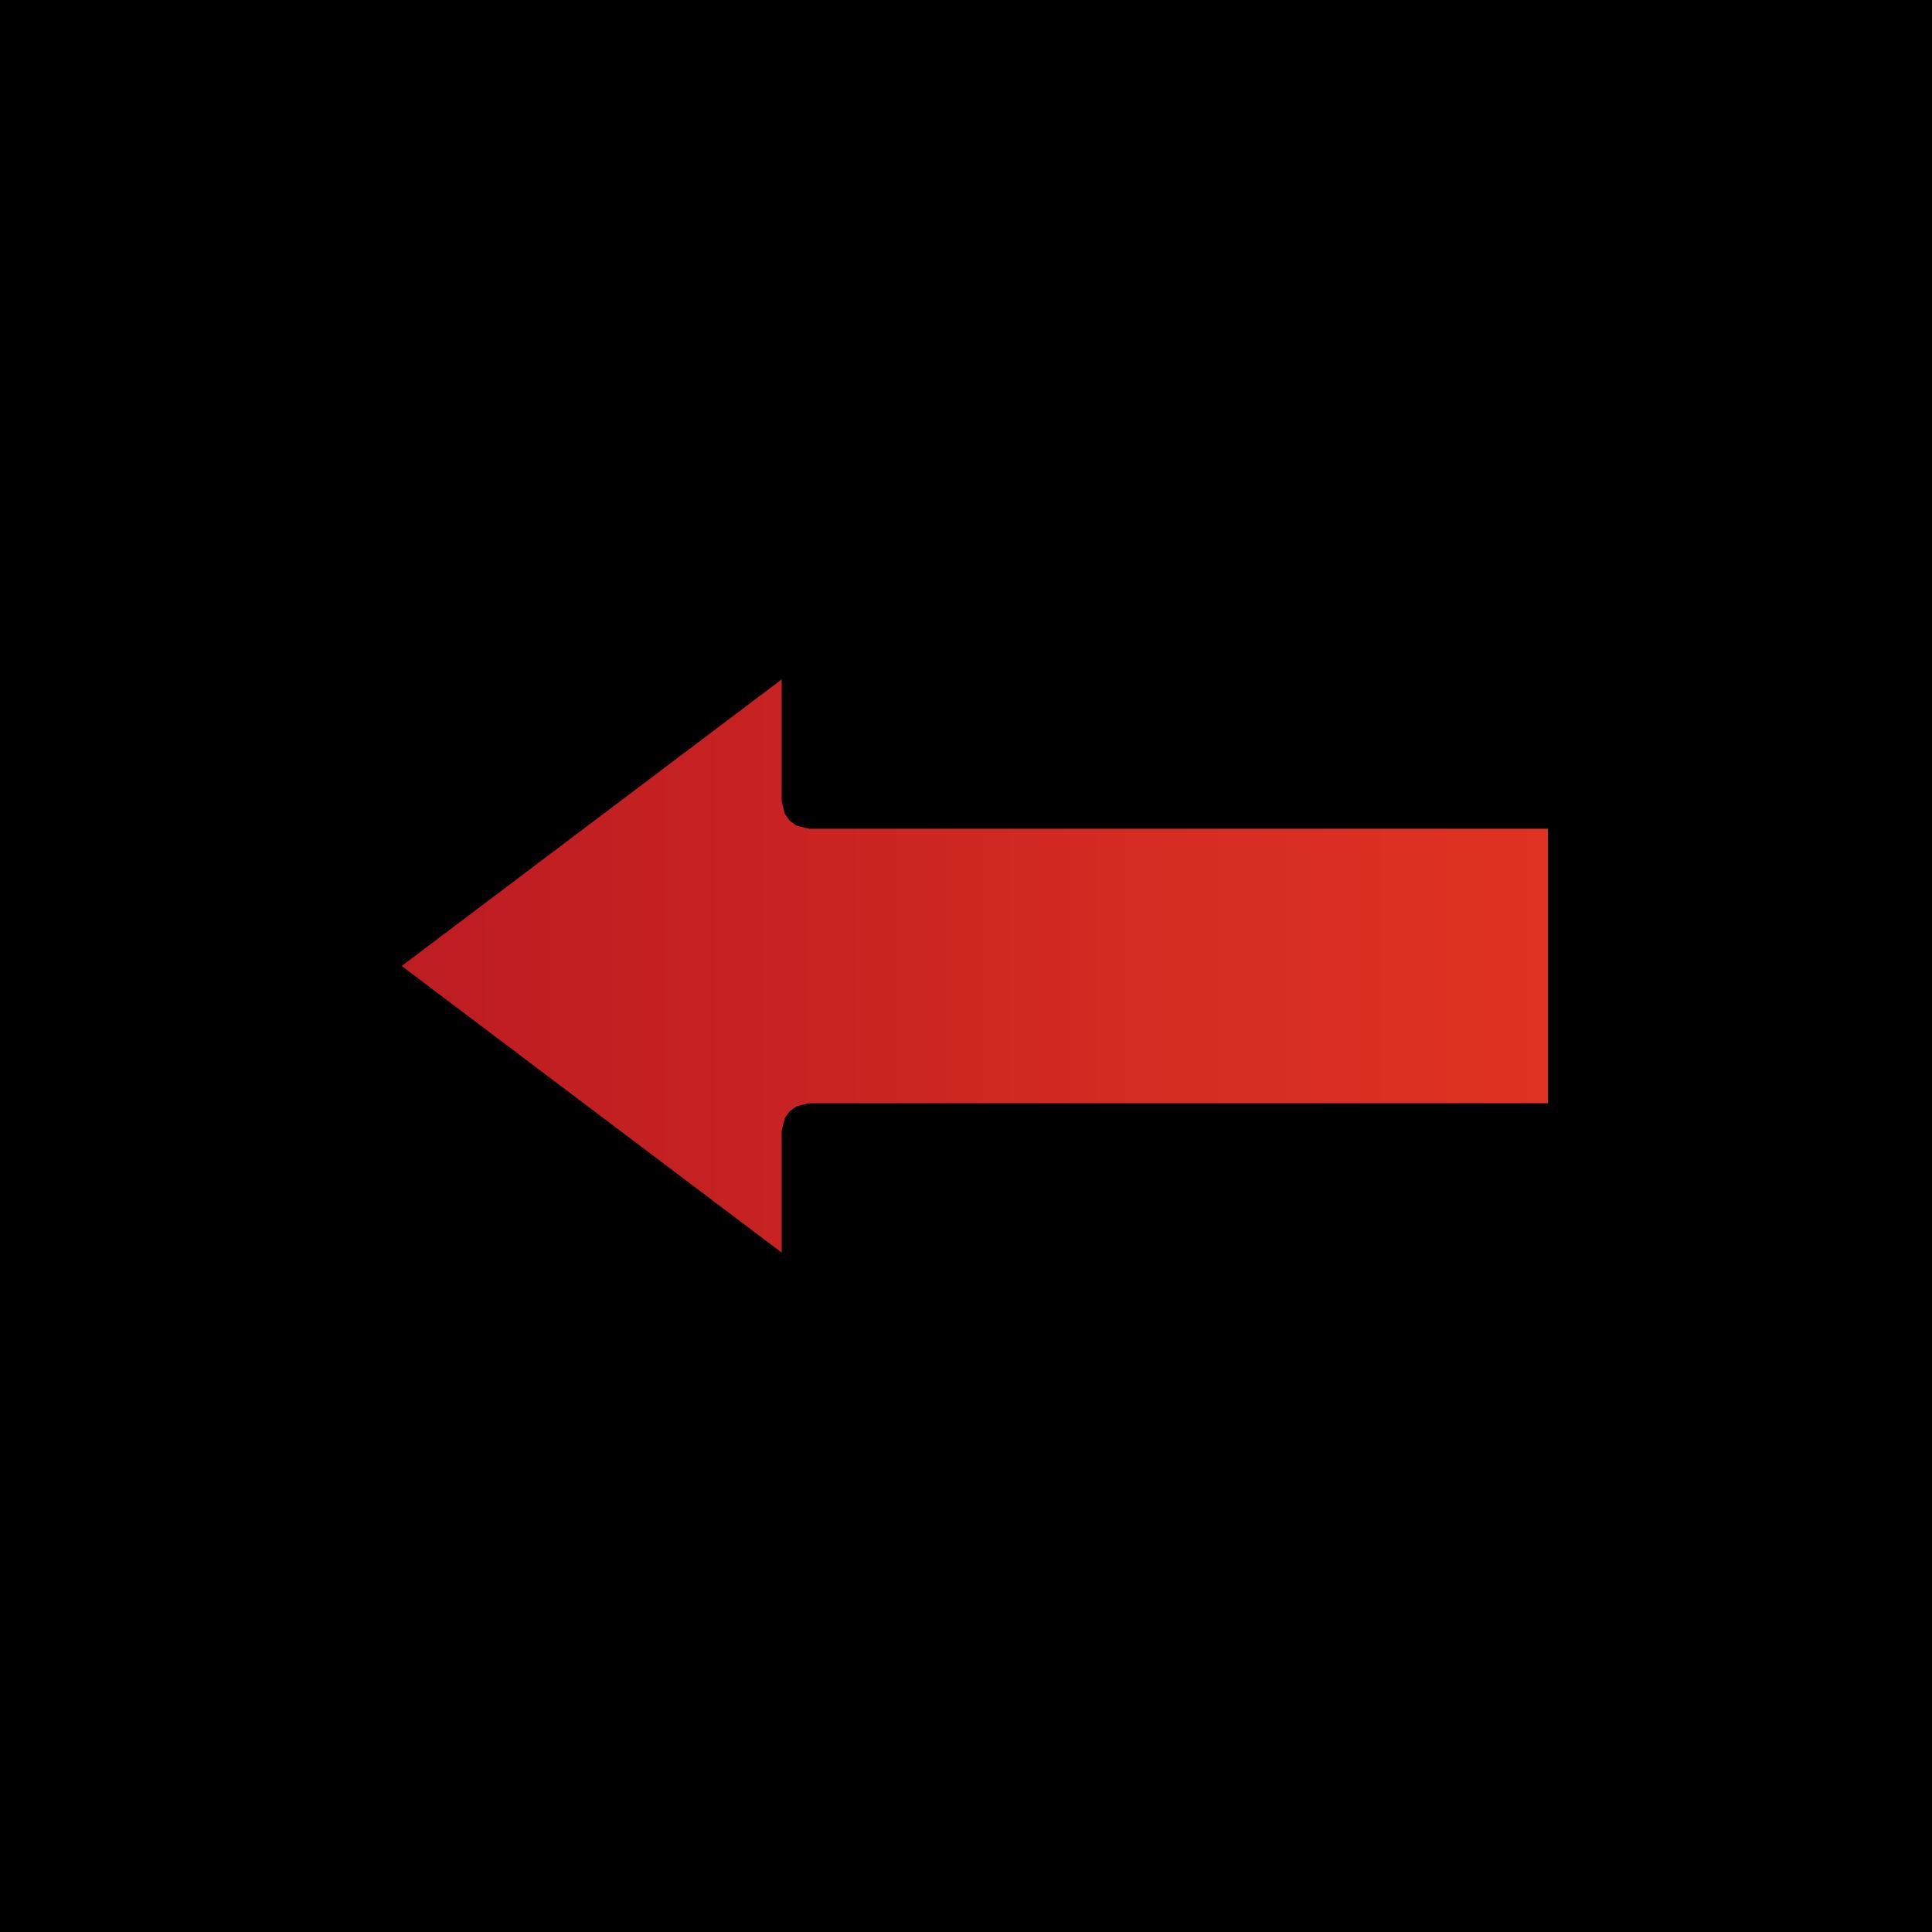 red-arrow-black-outline-facing-left.png